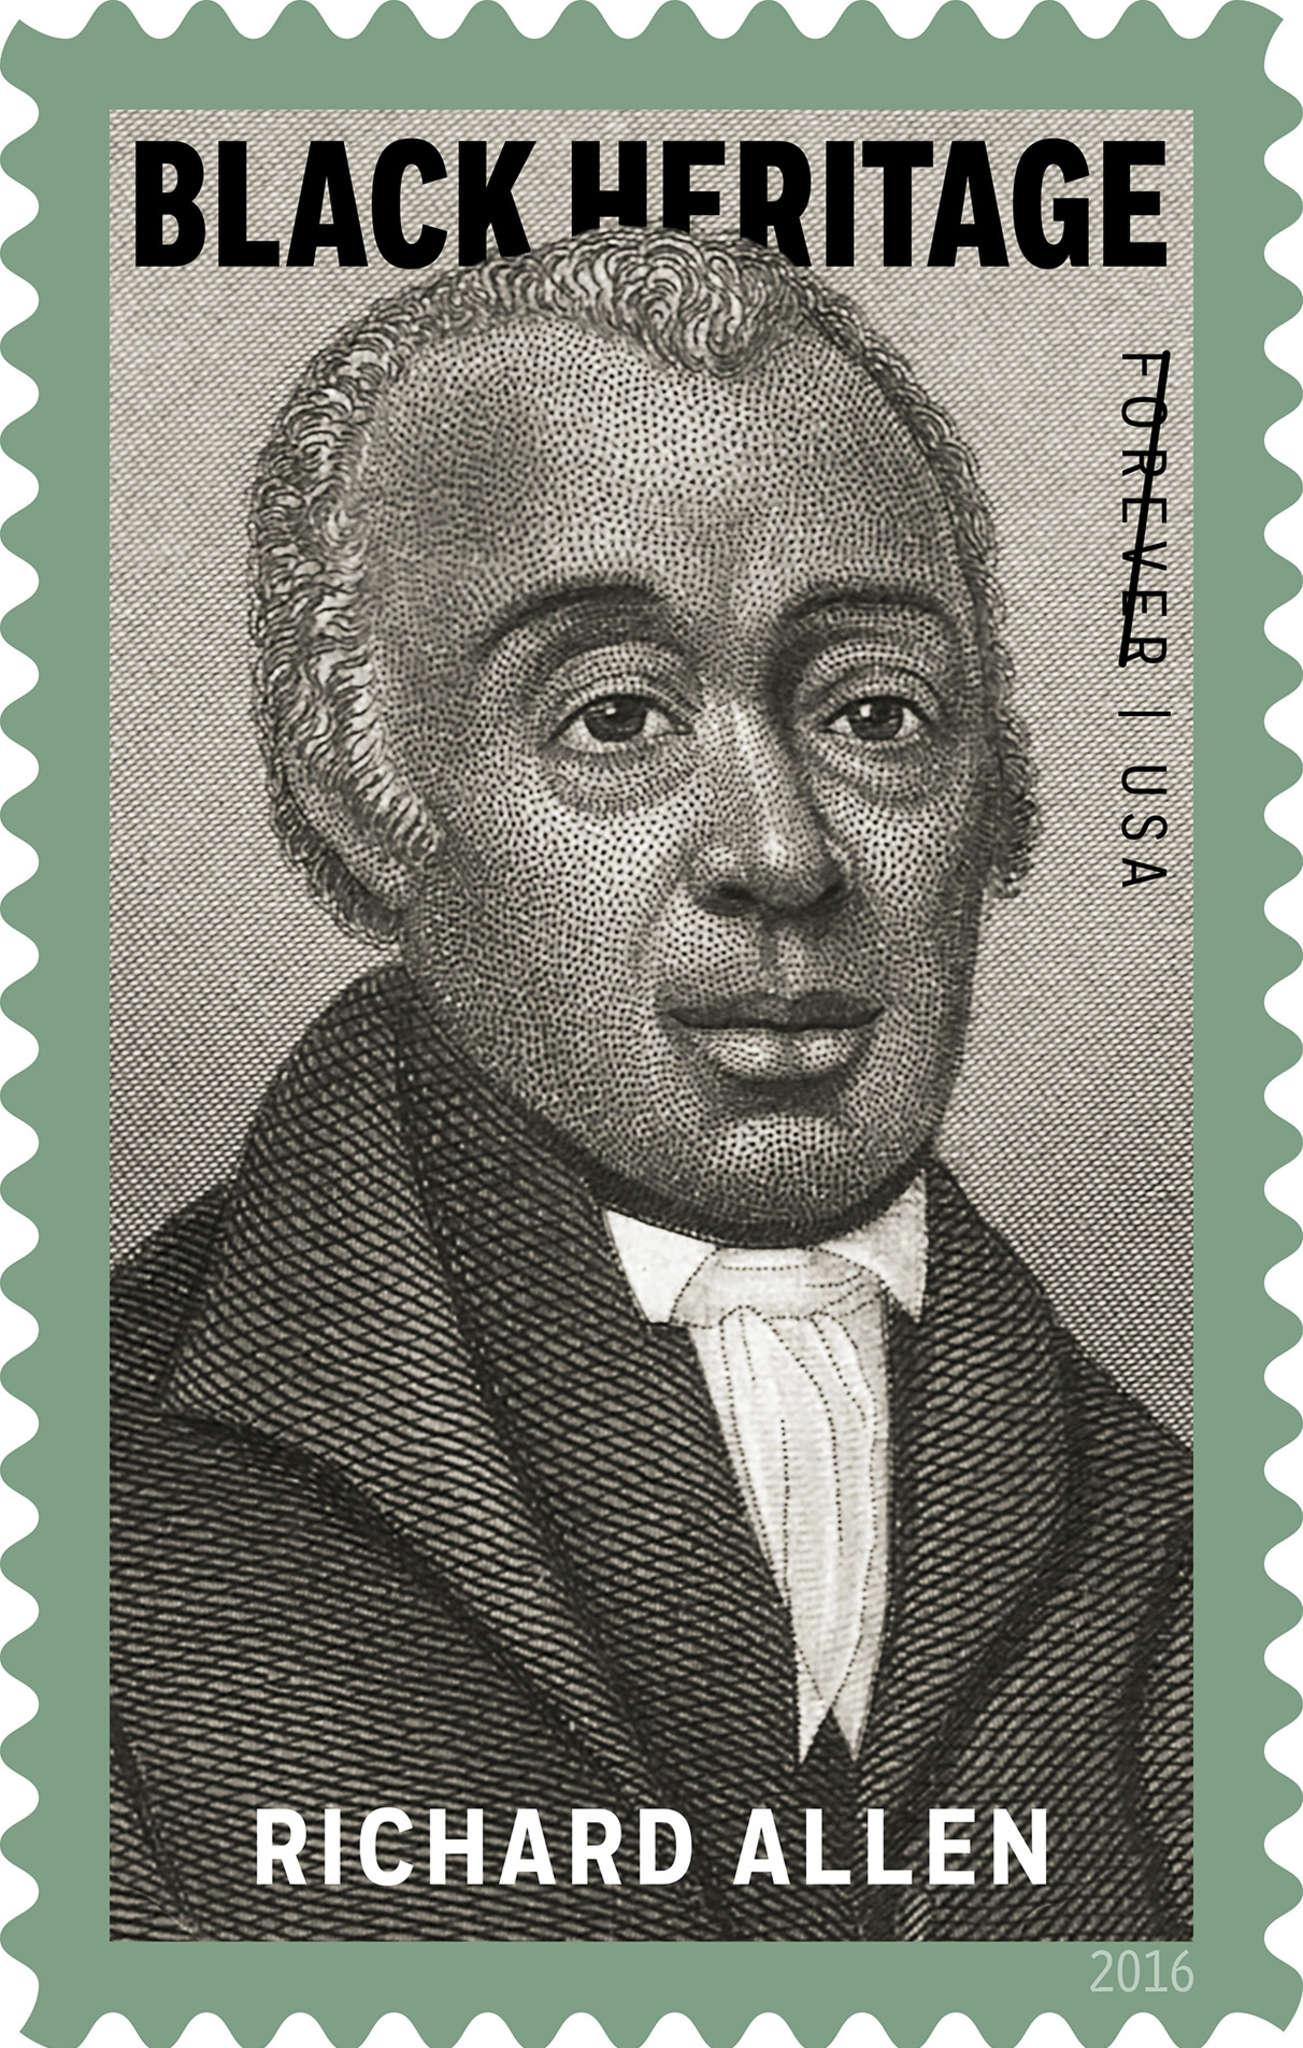 Richard Allen (bishop)